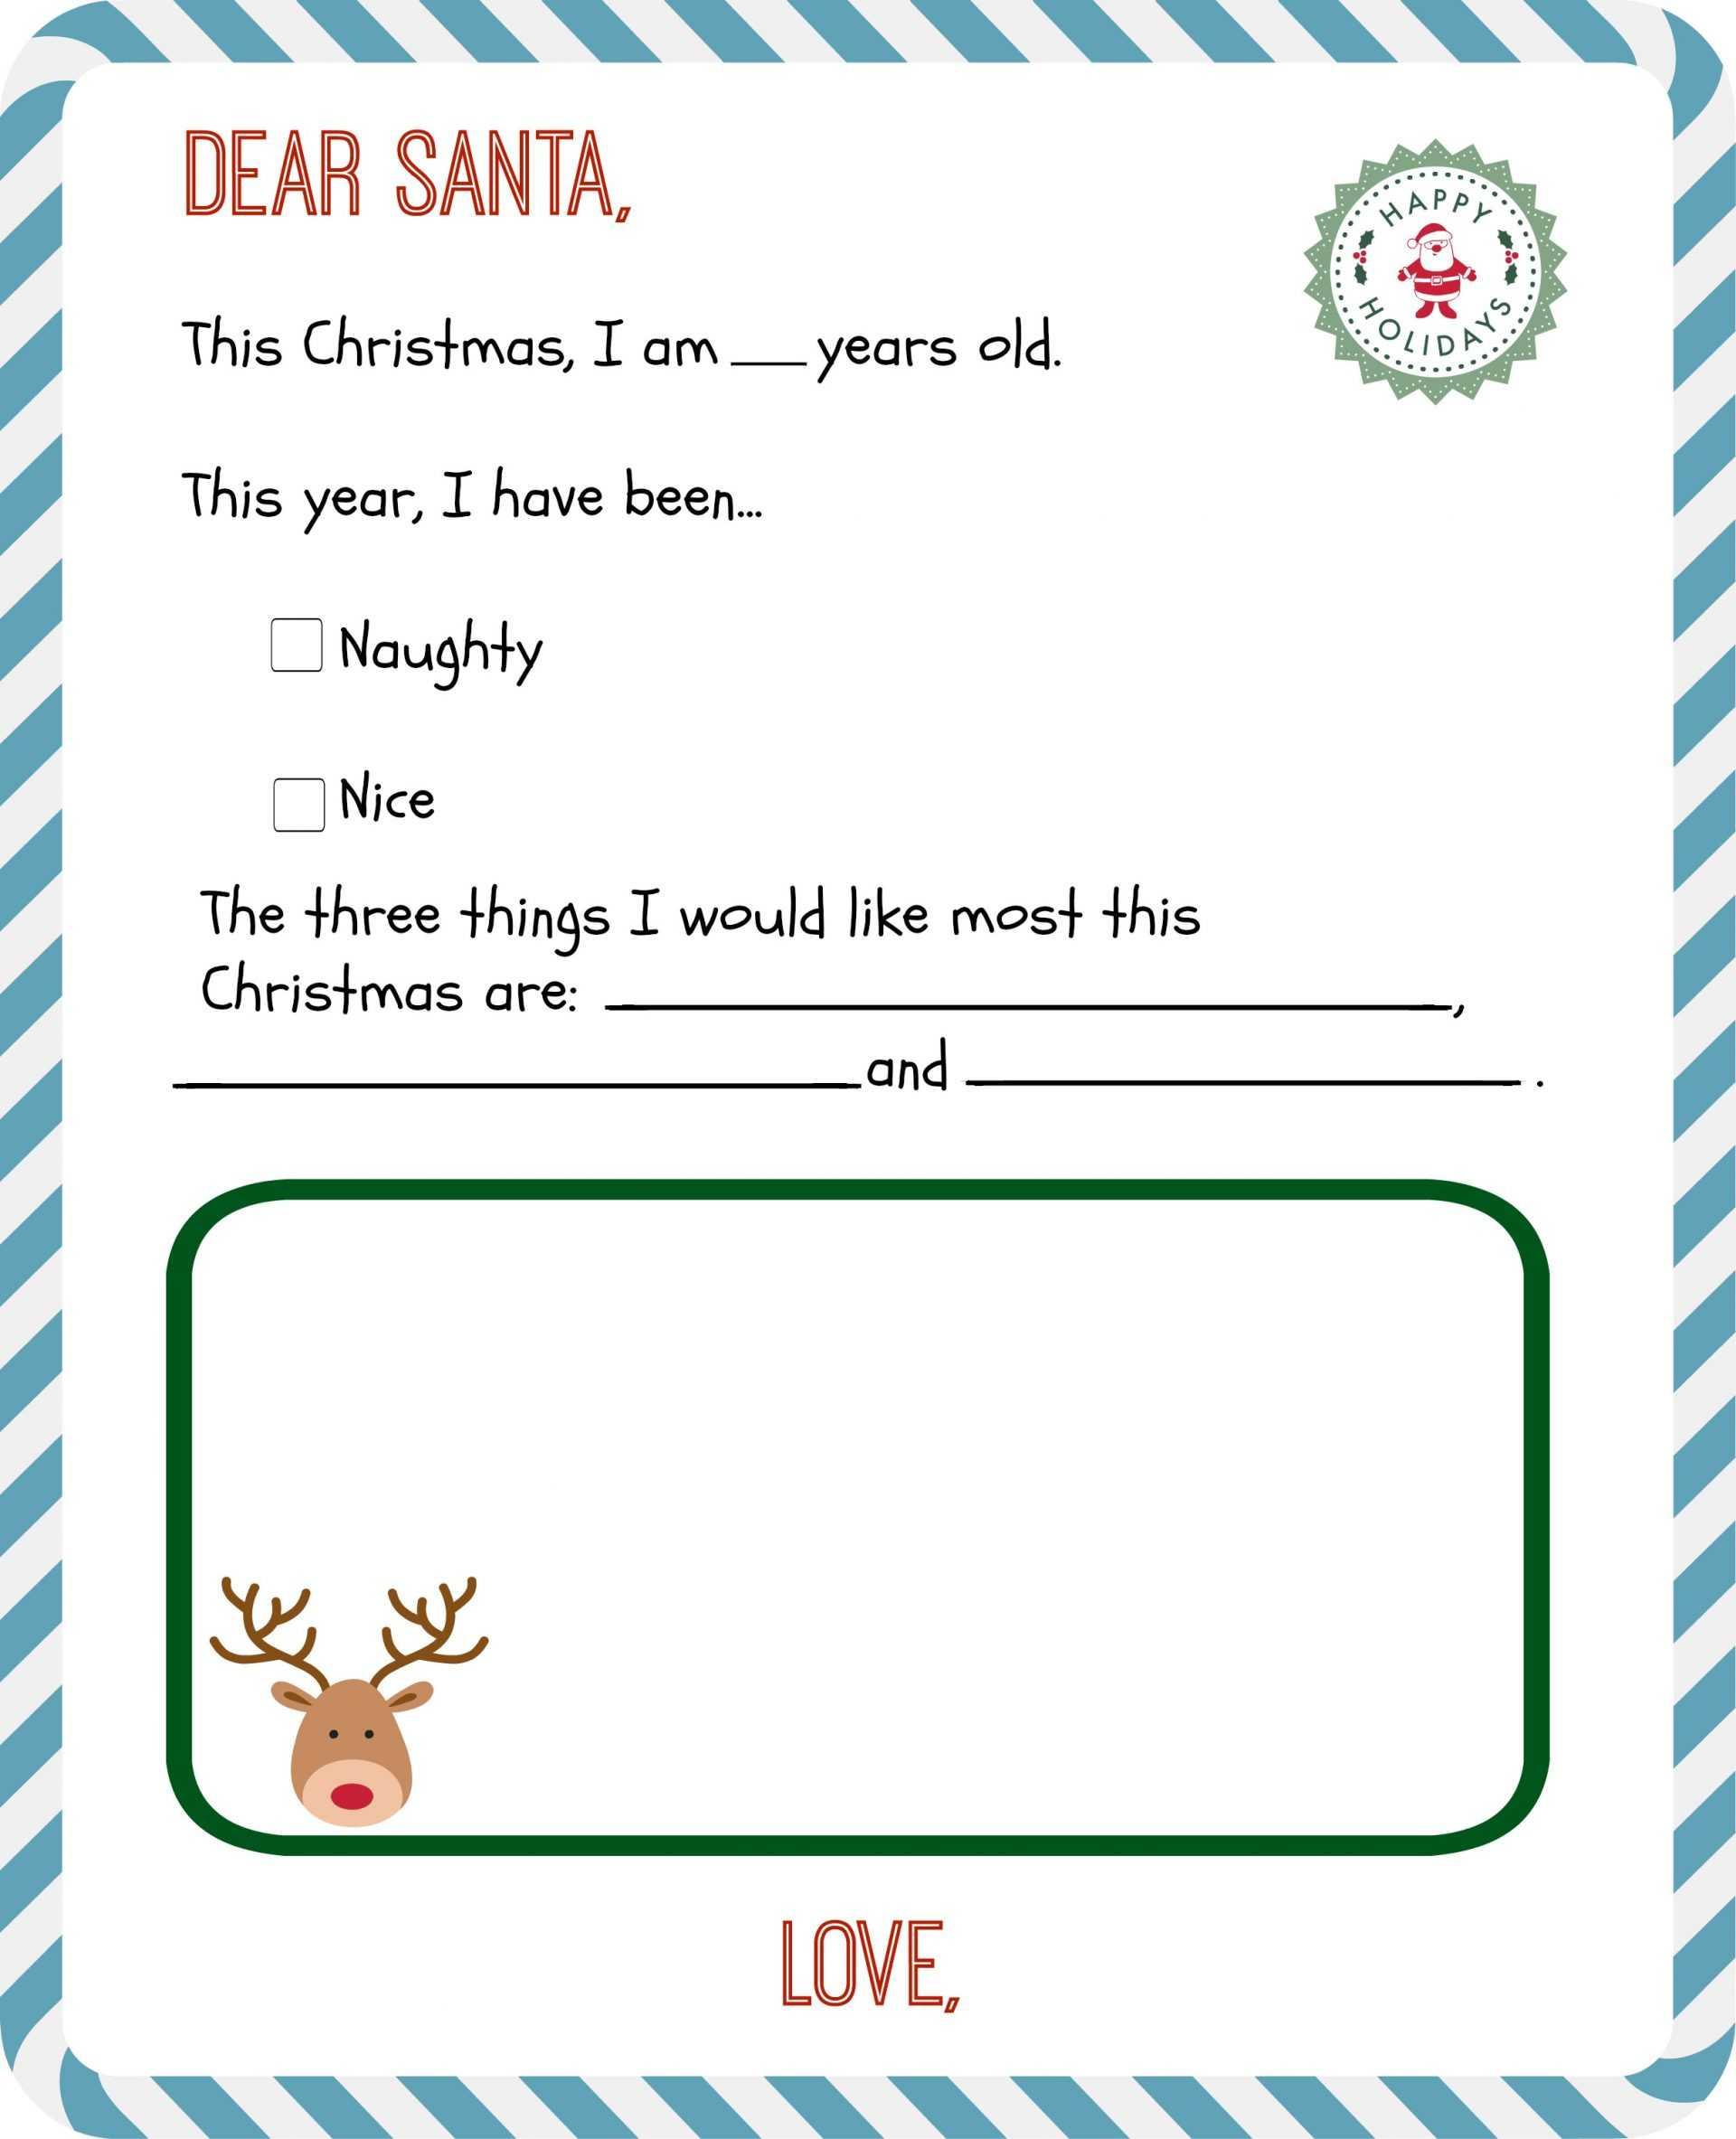 012 Dear Santa Letter Template Ideas Letters Archaicawful Inside Santa Letter Template Word